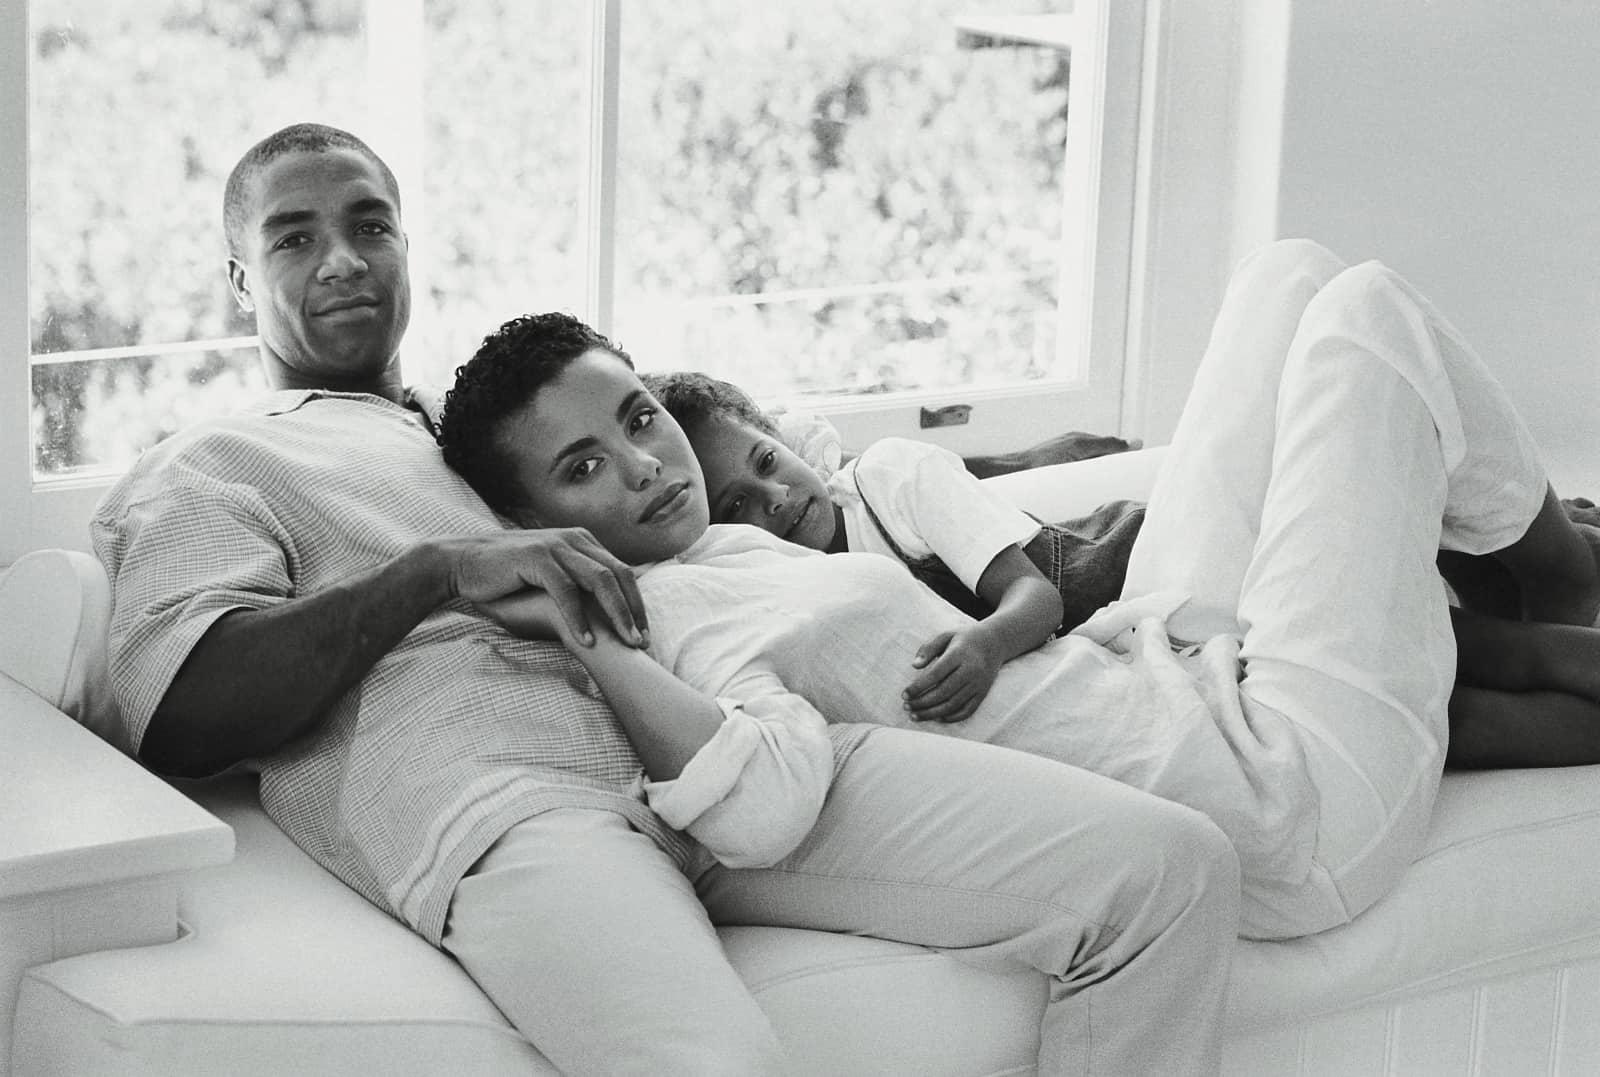 man vrouw en kind liggen op bank, zwartwit